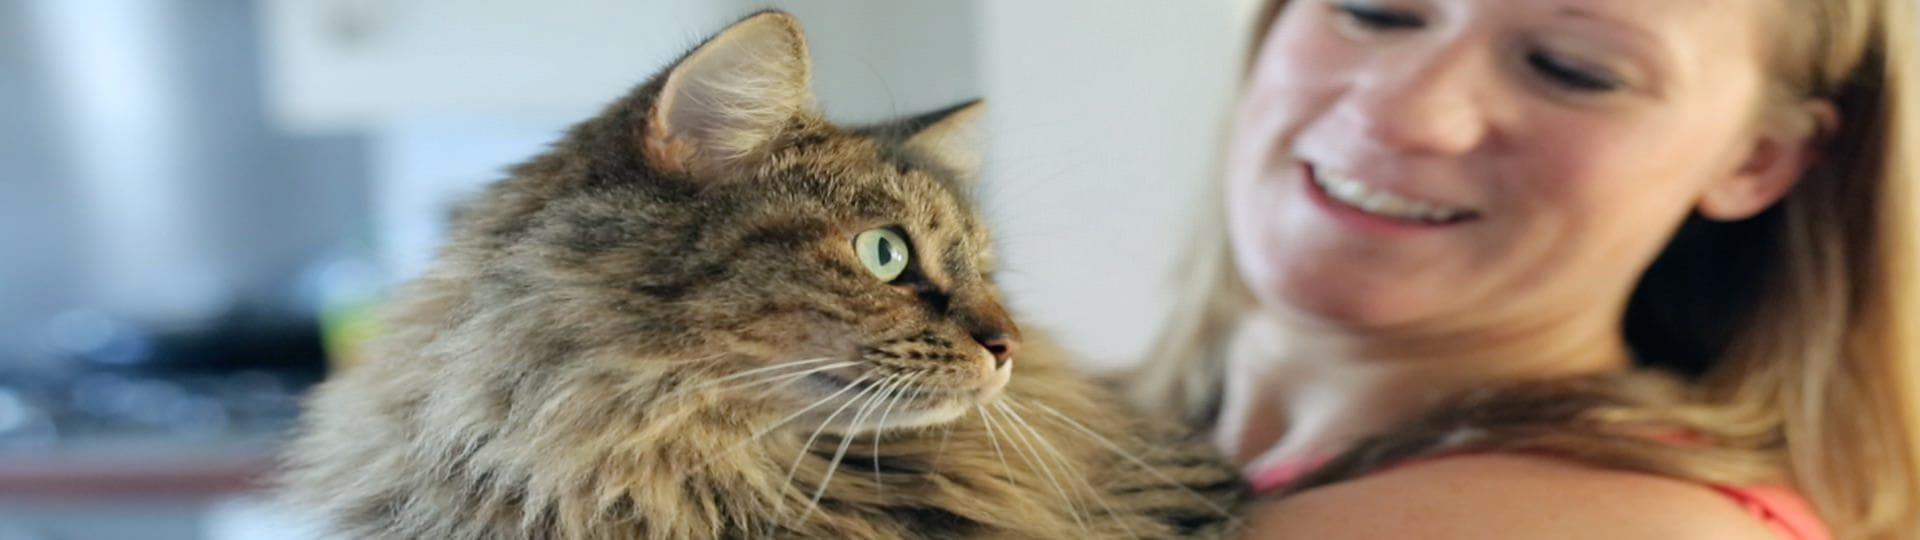 Το μυστικό για ευτυχισμένες γάτες